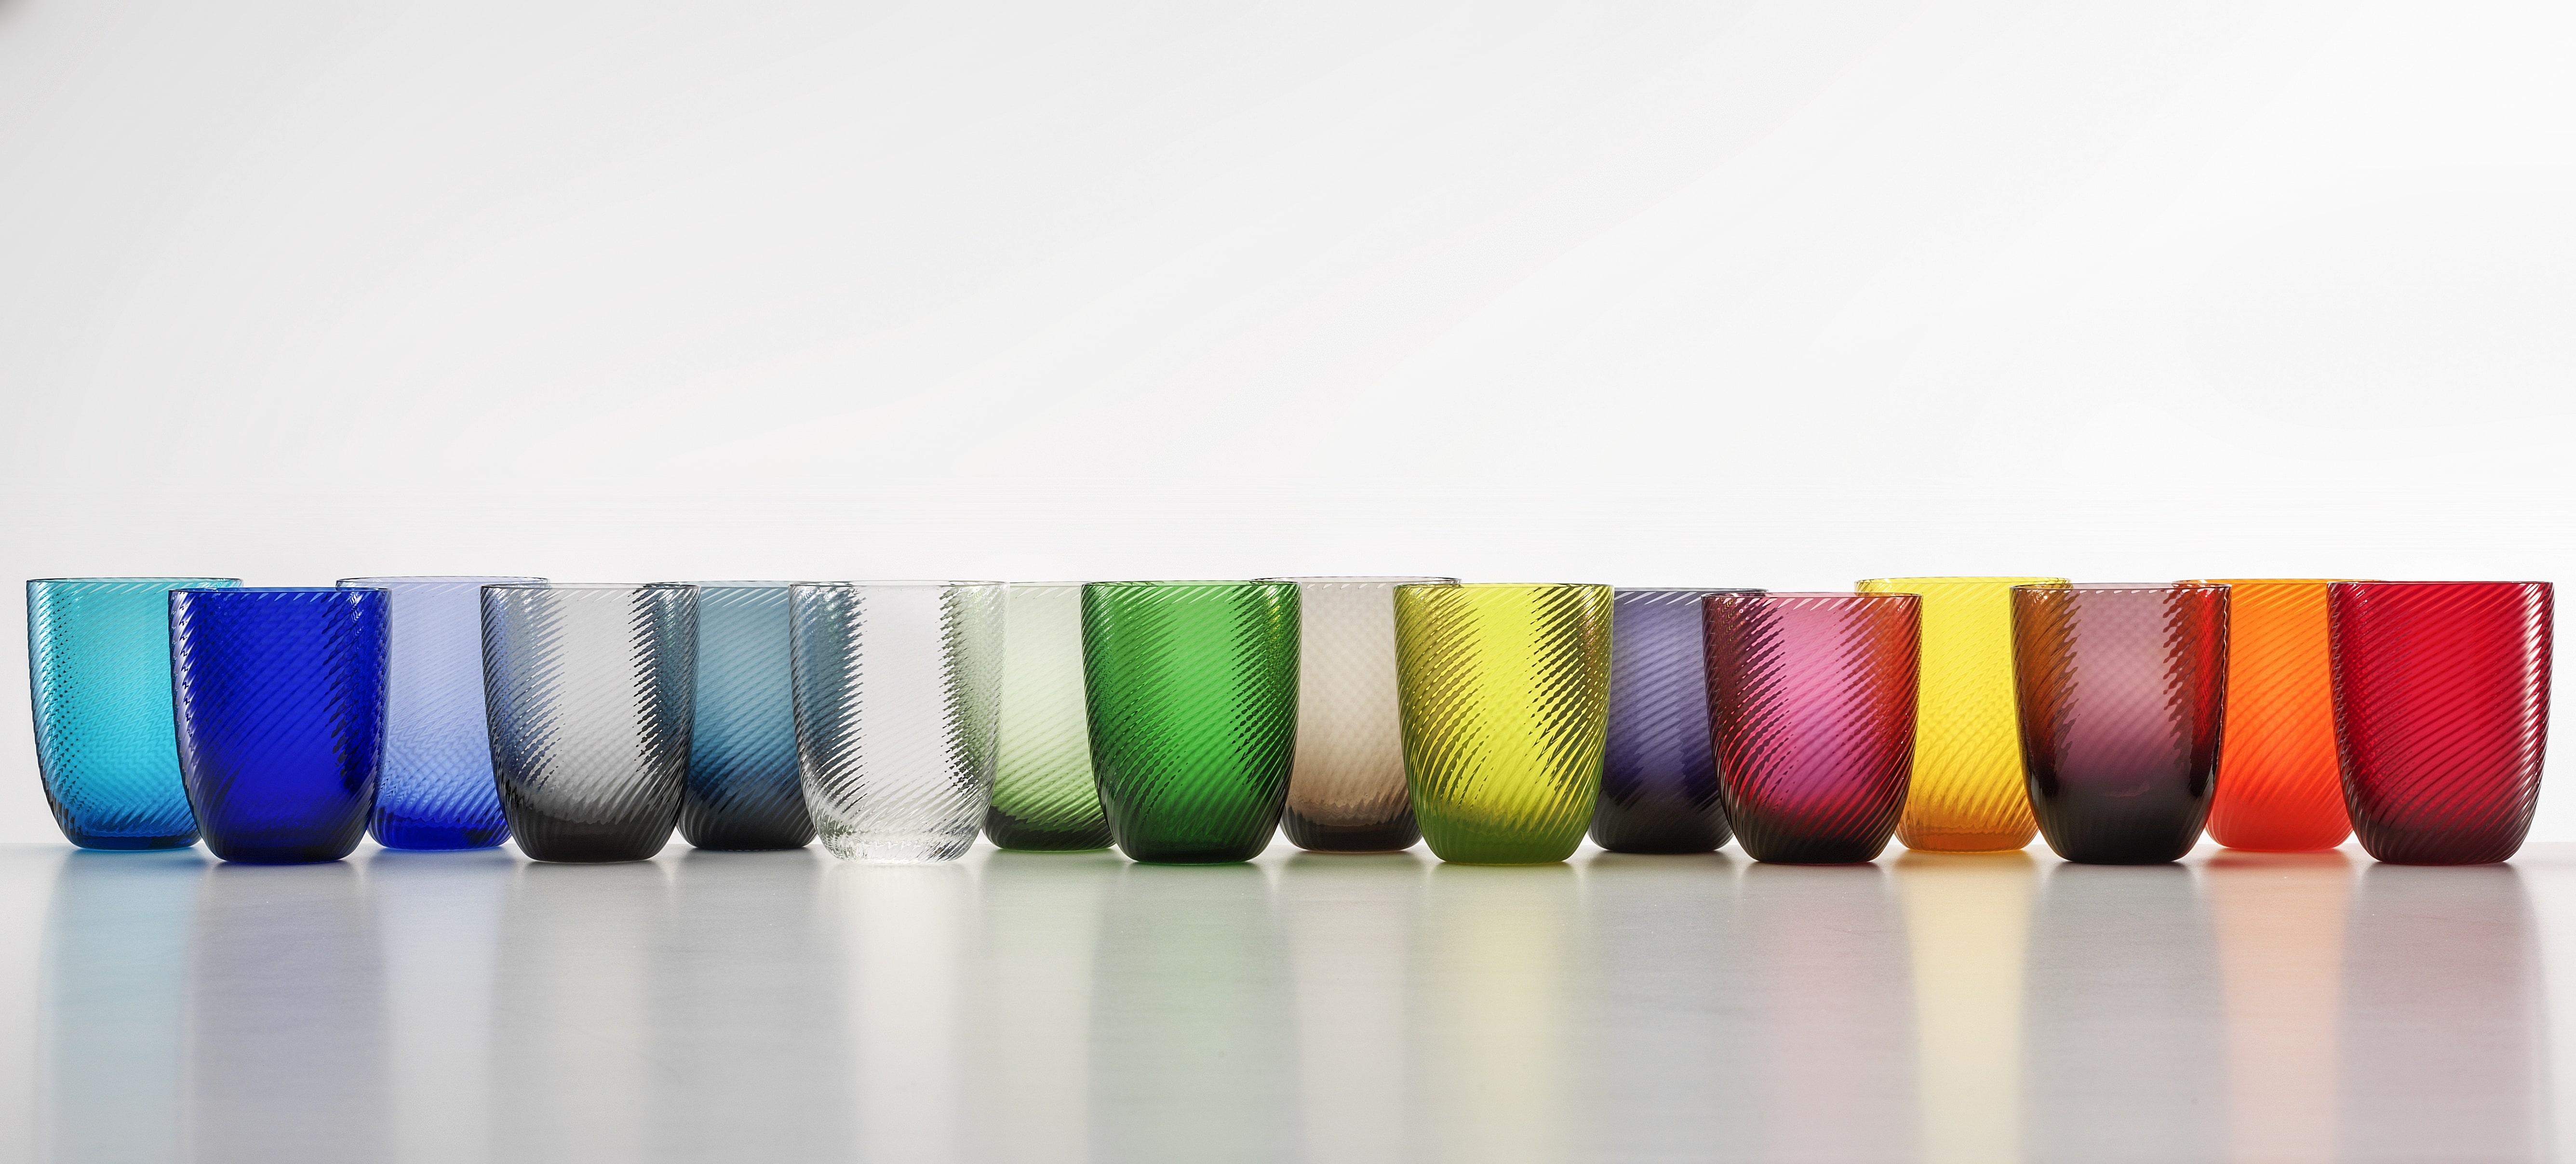 Collezione Bicchieri Idra Rigato Ritorto